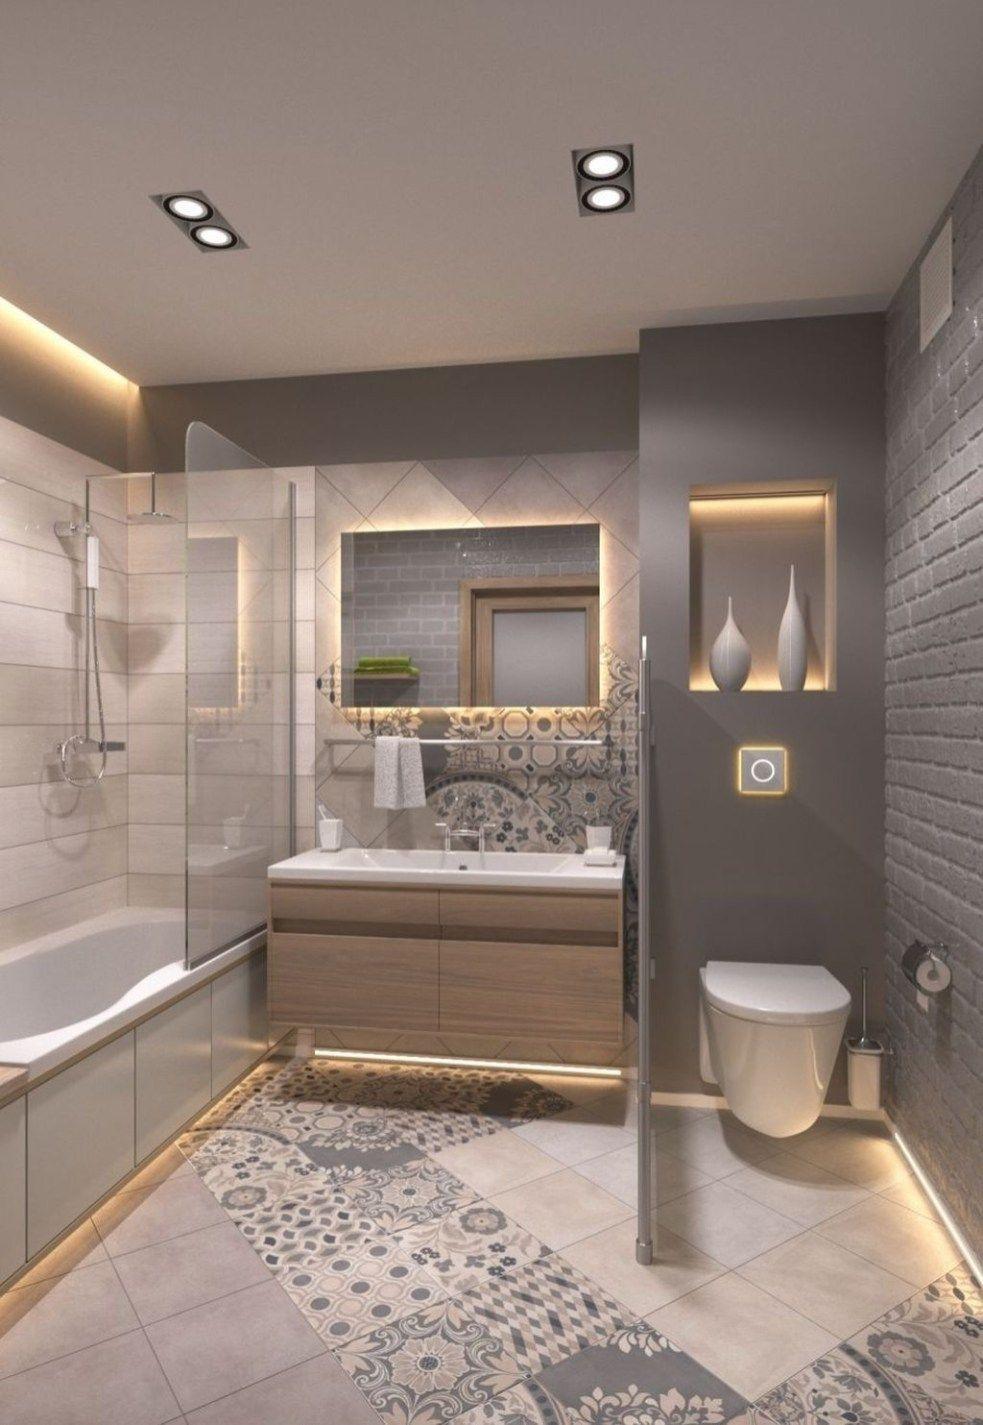 Nice 47 Unique Small Bathroom Decor Ideas More At Http Decoratrend Com 2018 09 25 47 Uniqu Small Bathroom Styles Bathroom Design Small Small Master Bathroom